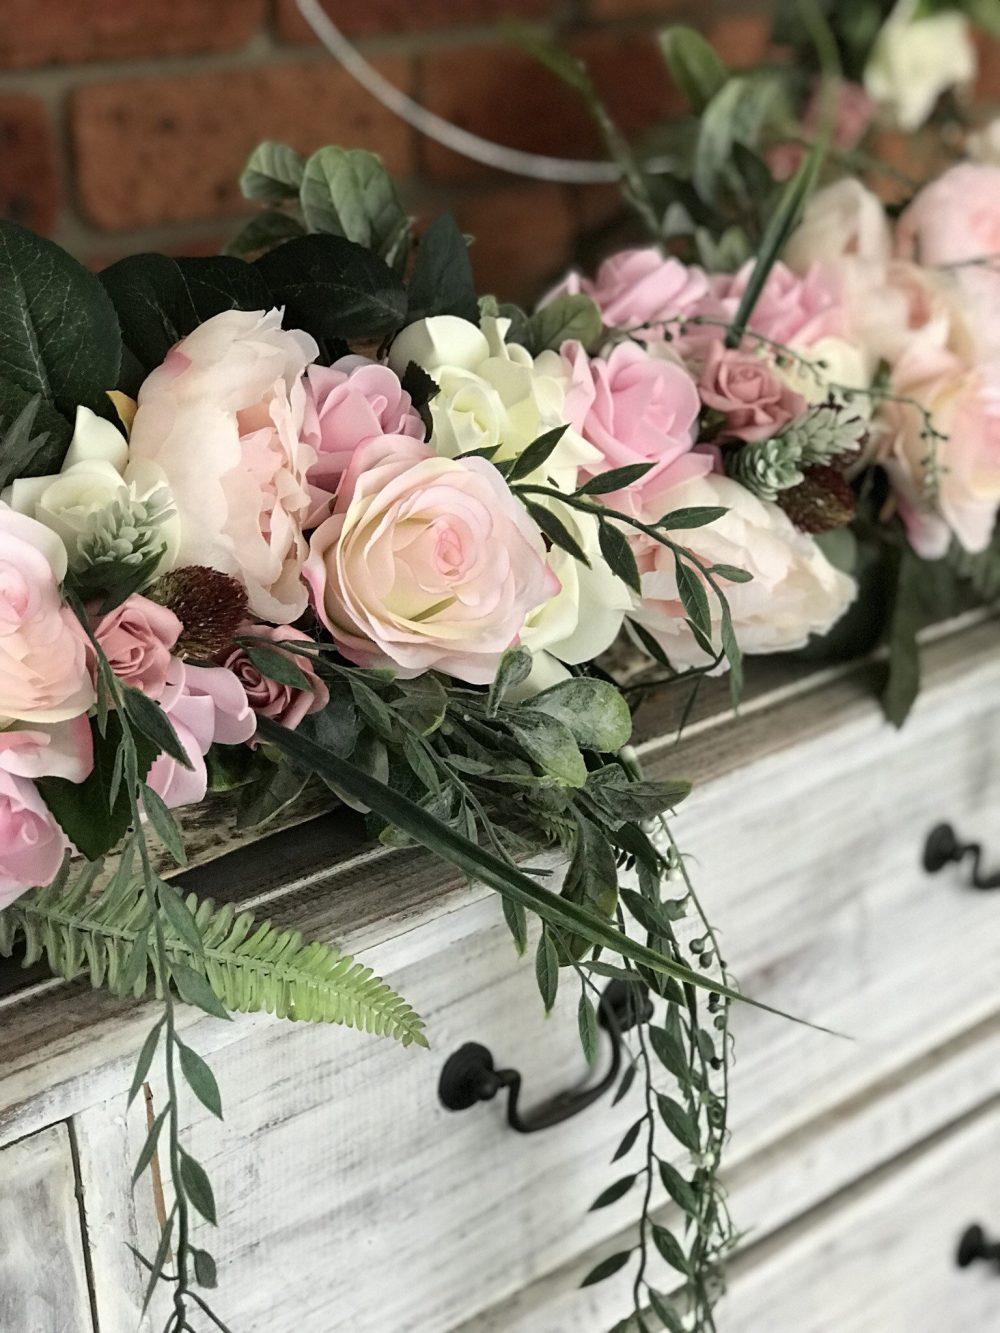 Arbour, Arch Or Garden Floral Arrangement 1 Metre By